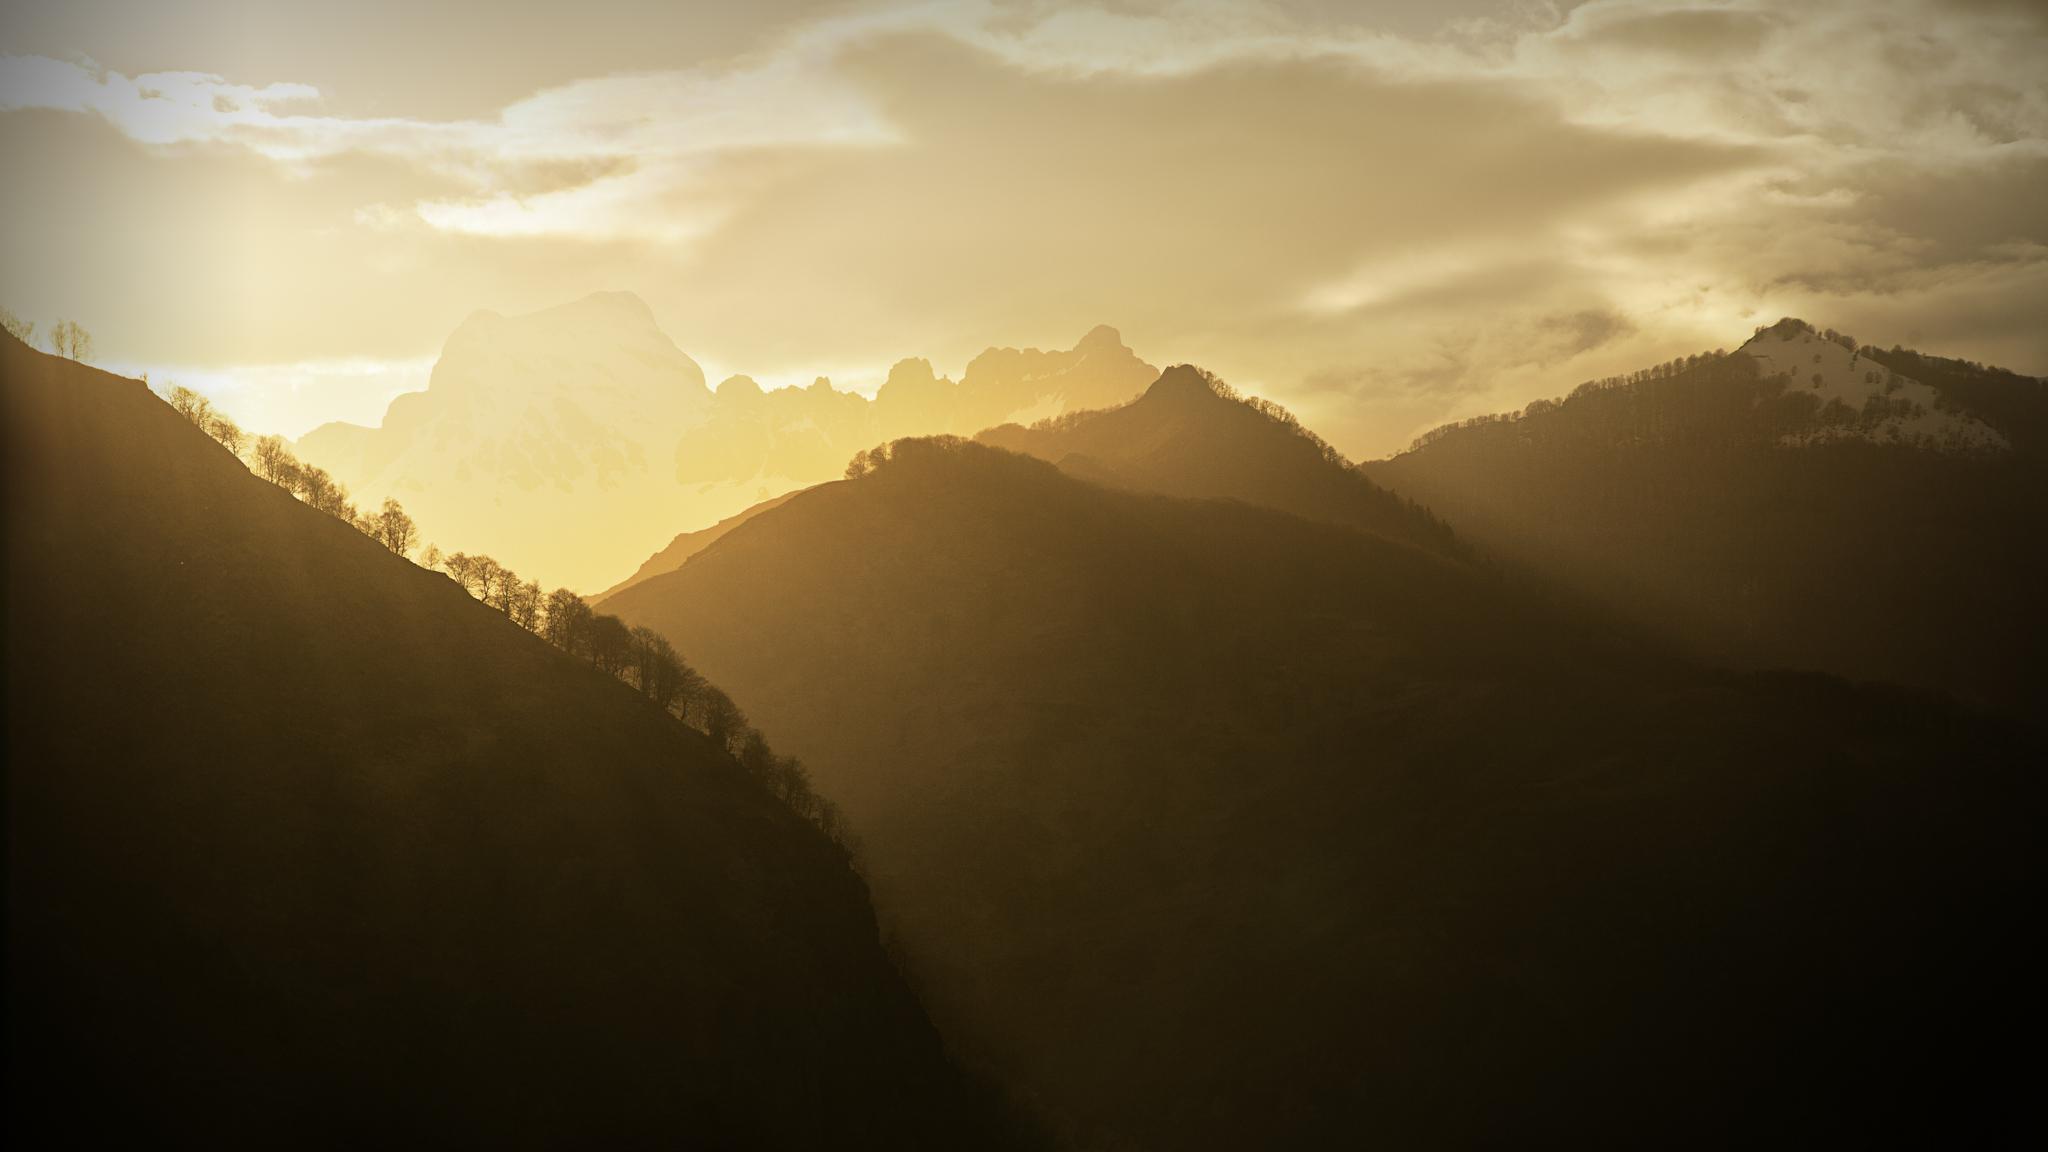 Anie desde Cette - Vallée d´Aspe - Fotos del Valle del Aragón, Mikel Besga